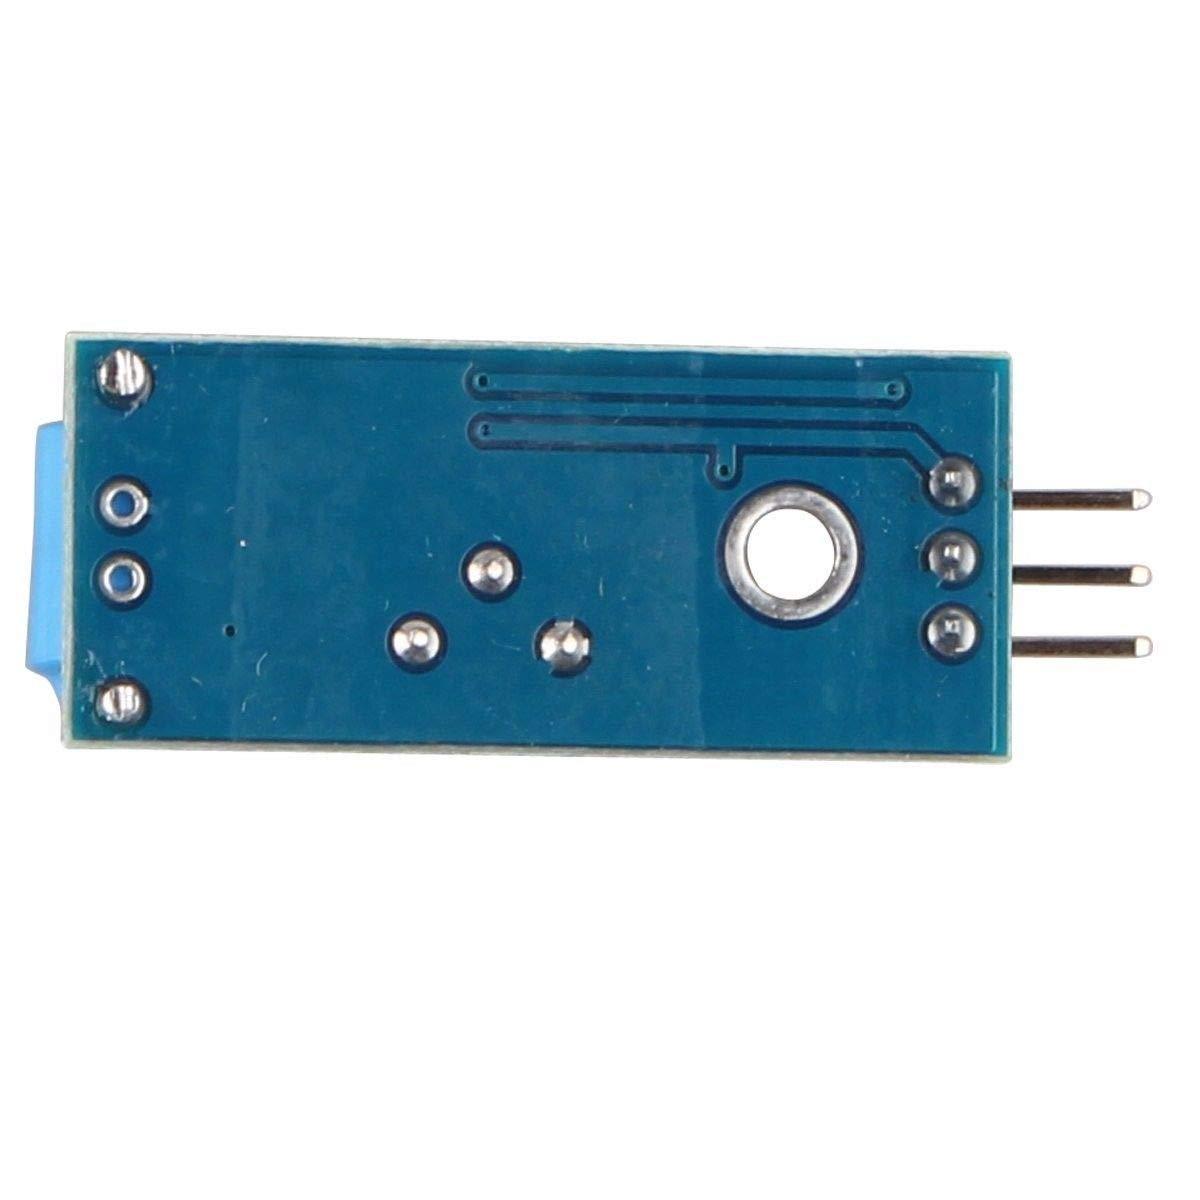 práctico SW-420 tipo normalmente cerrado del módulo del sensor de vibración Sensor de vibración del módulo de alarma del sensor de movimiento del módulo de ...